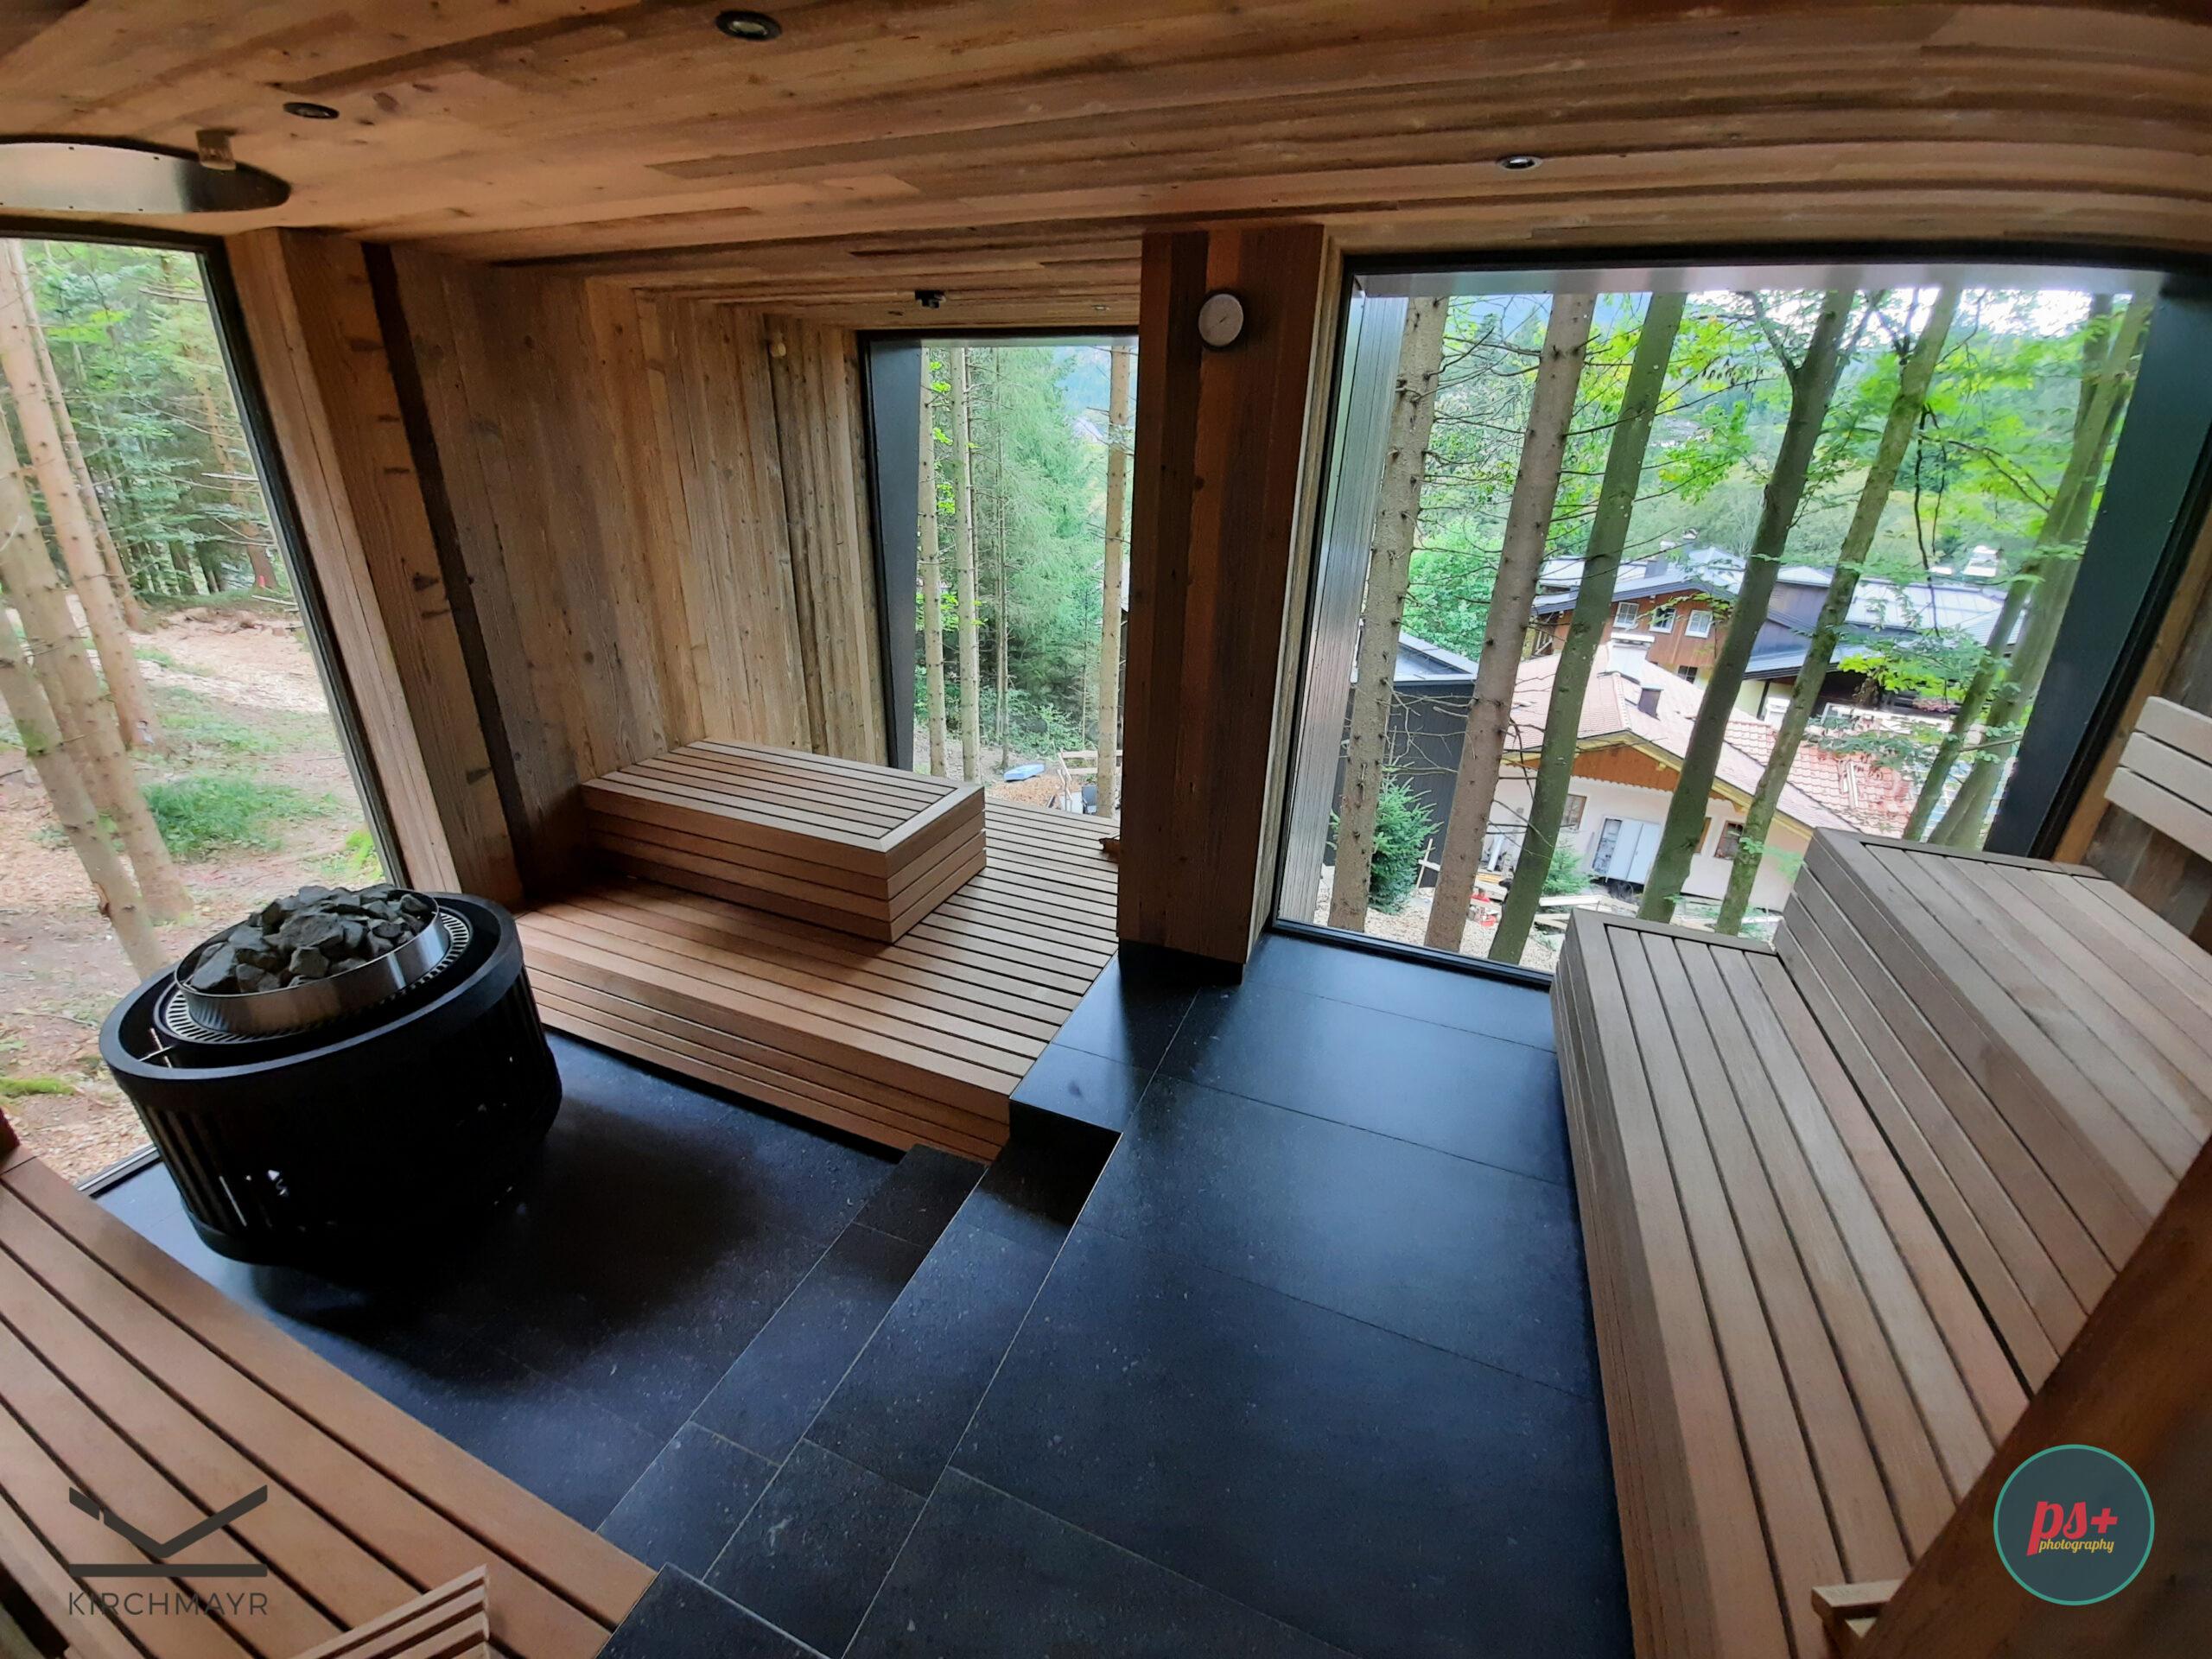 Fischerwirt Sauna